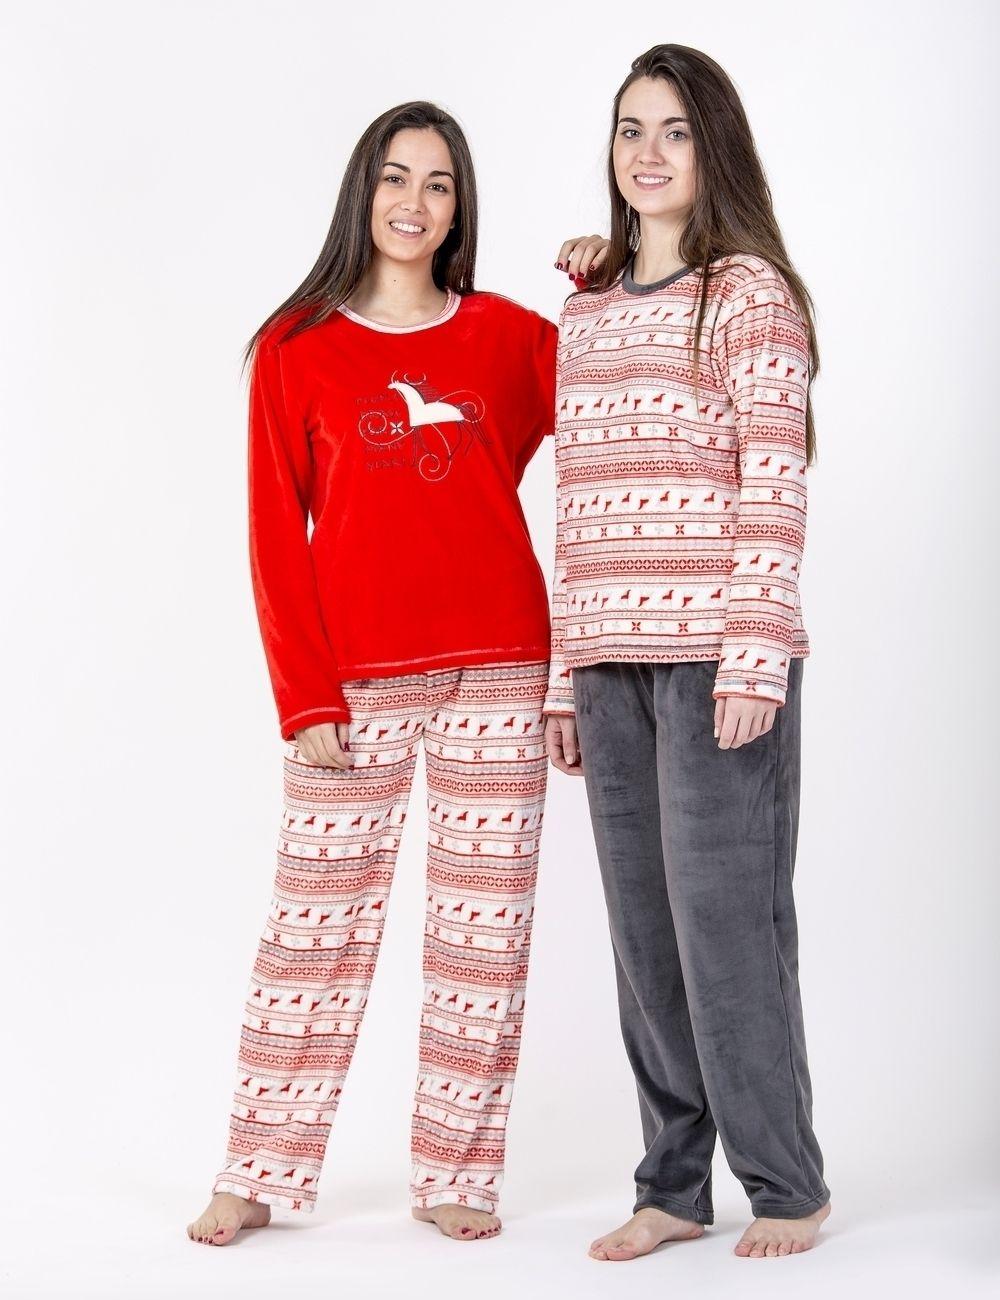 pijama invierno señora chica mujer rojo gris polar caballo diseño rayas 338722464e50